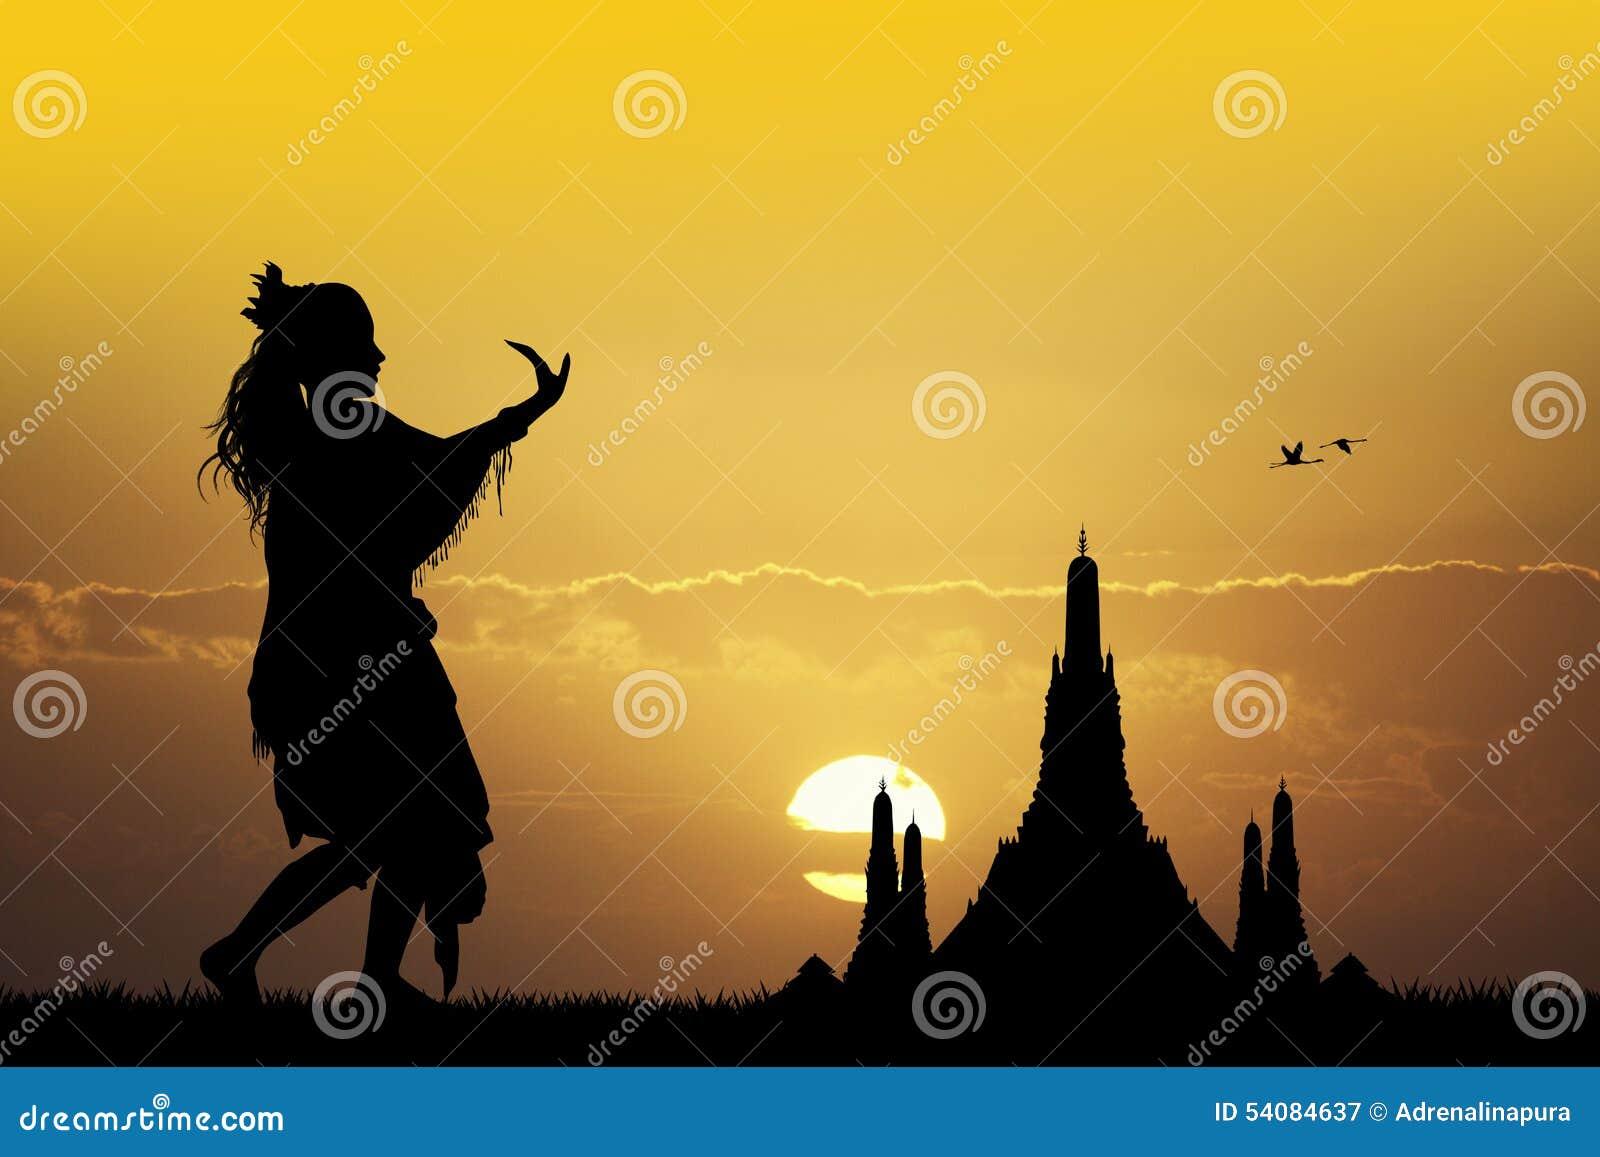 Indonesische dans bij zonsondergang